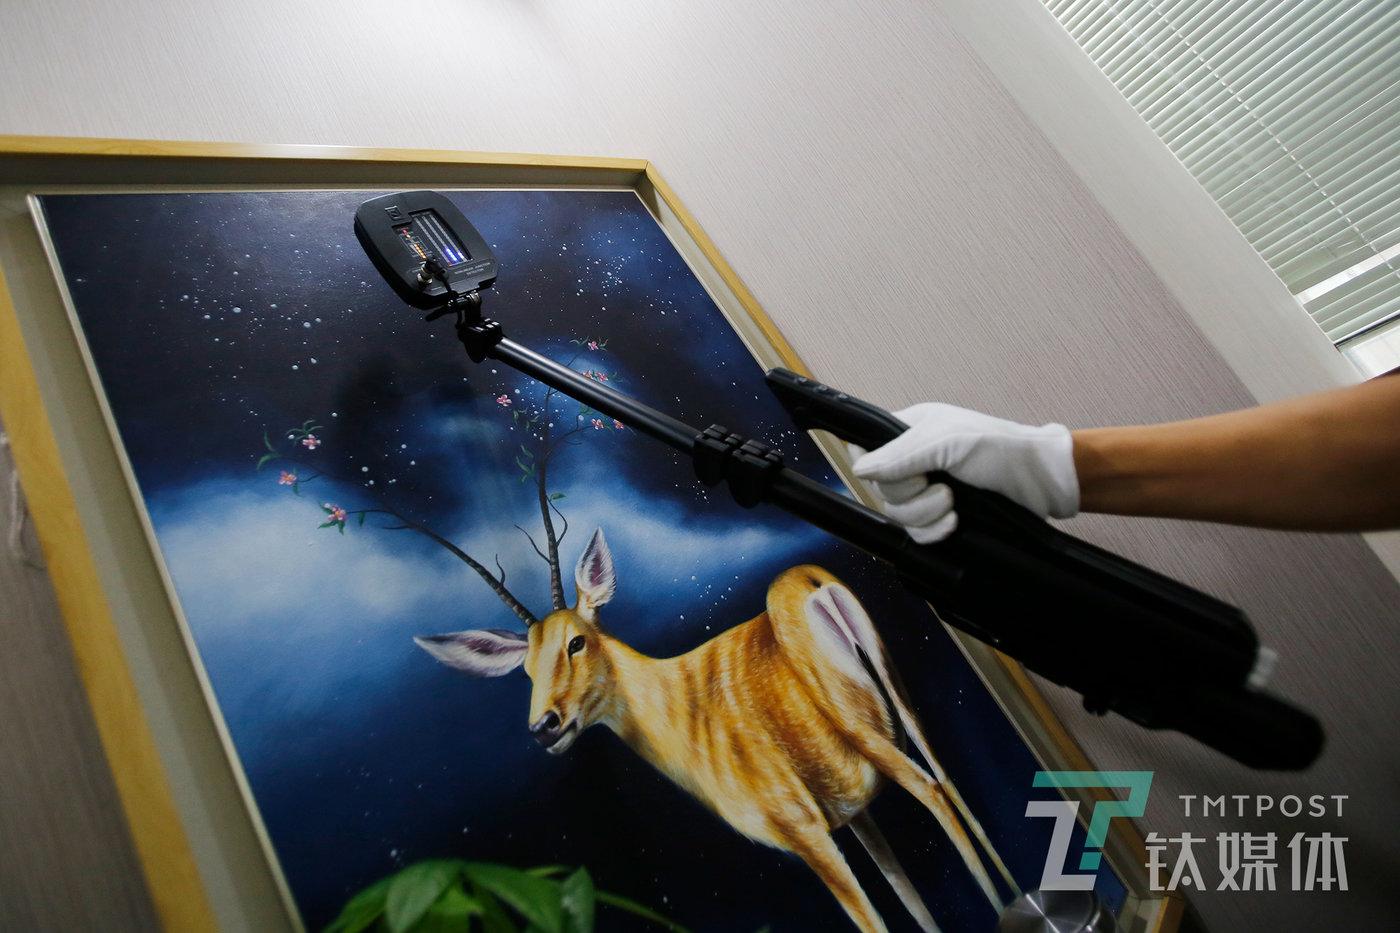 检测演示中,何志会使用节点探测仪扫描一幅装饰画。